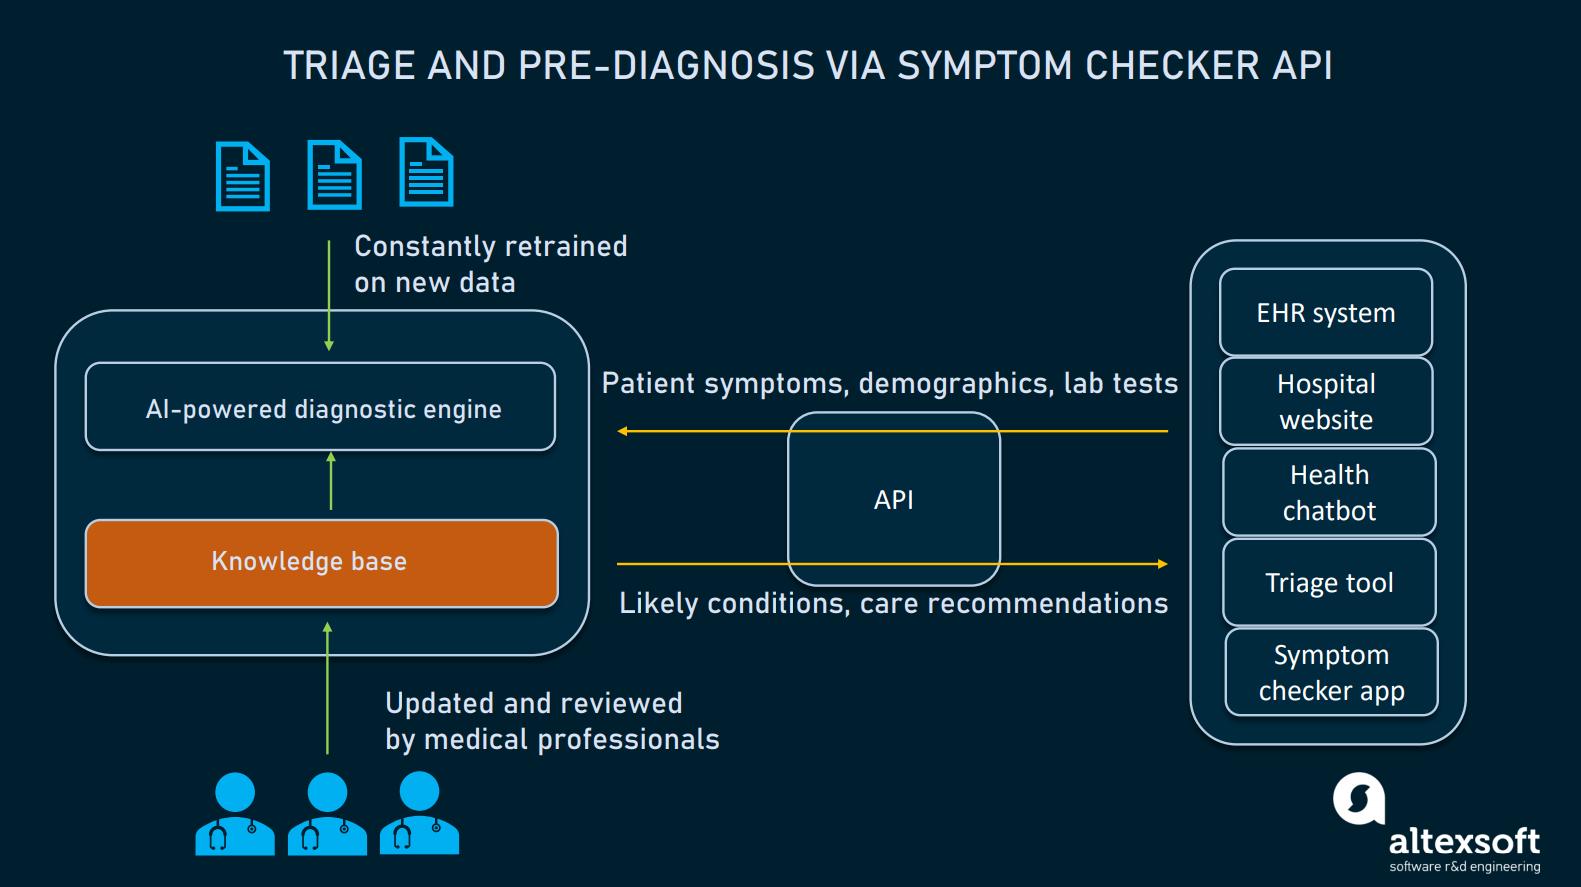 triage and pre-diagnosis via API